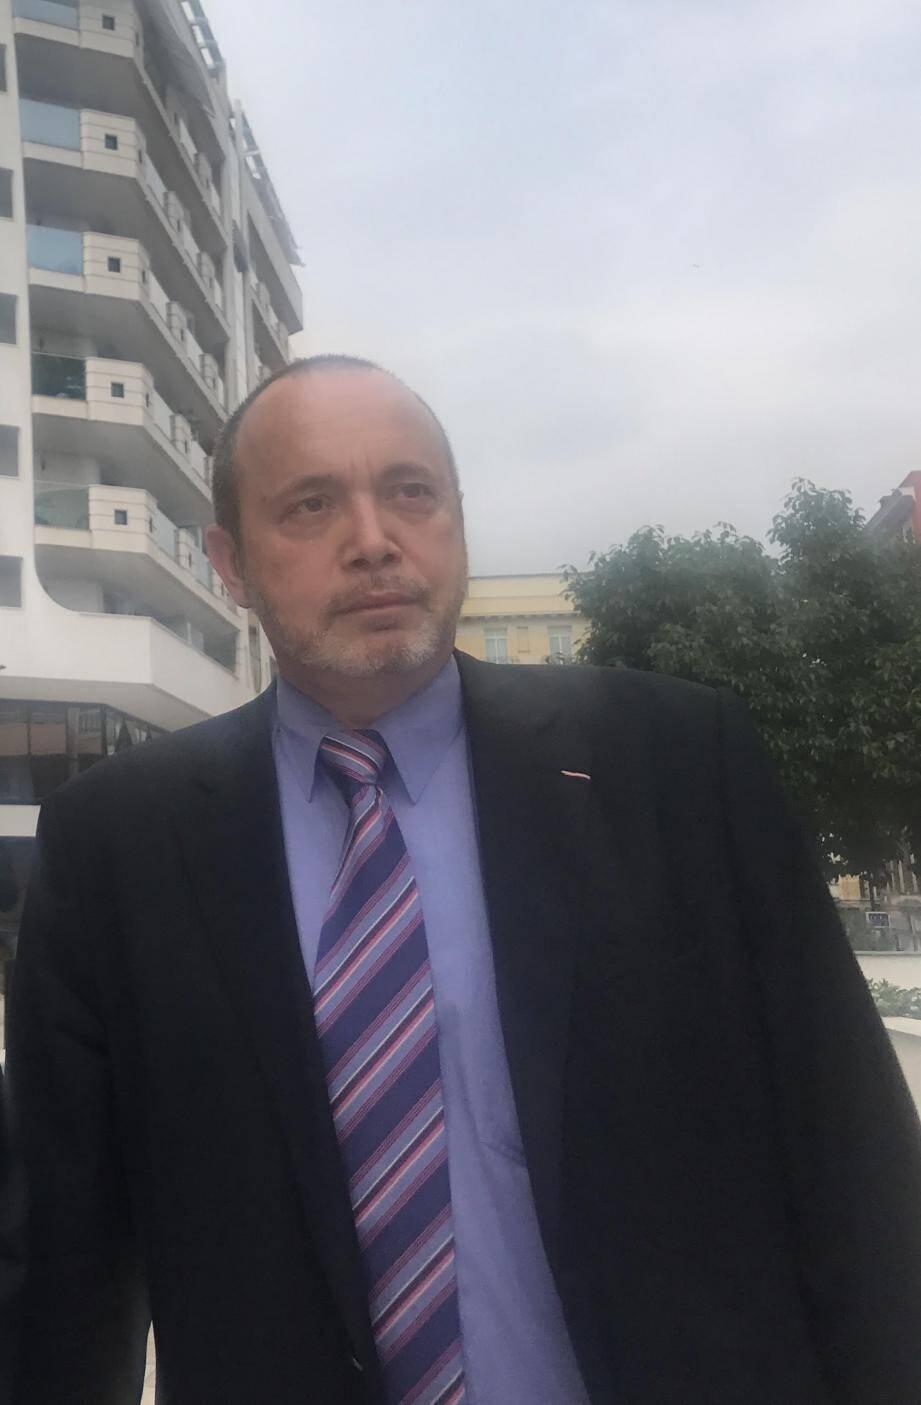 « Des indemnités à 1 500 euros pour un F2, 2 500 euros pour un F3, 3 500 pour un F4. C'est mesquin et contre-productif », selon le conseil national, président de la commission Logement.